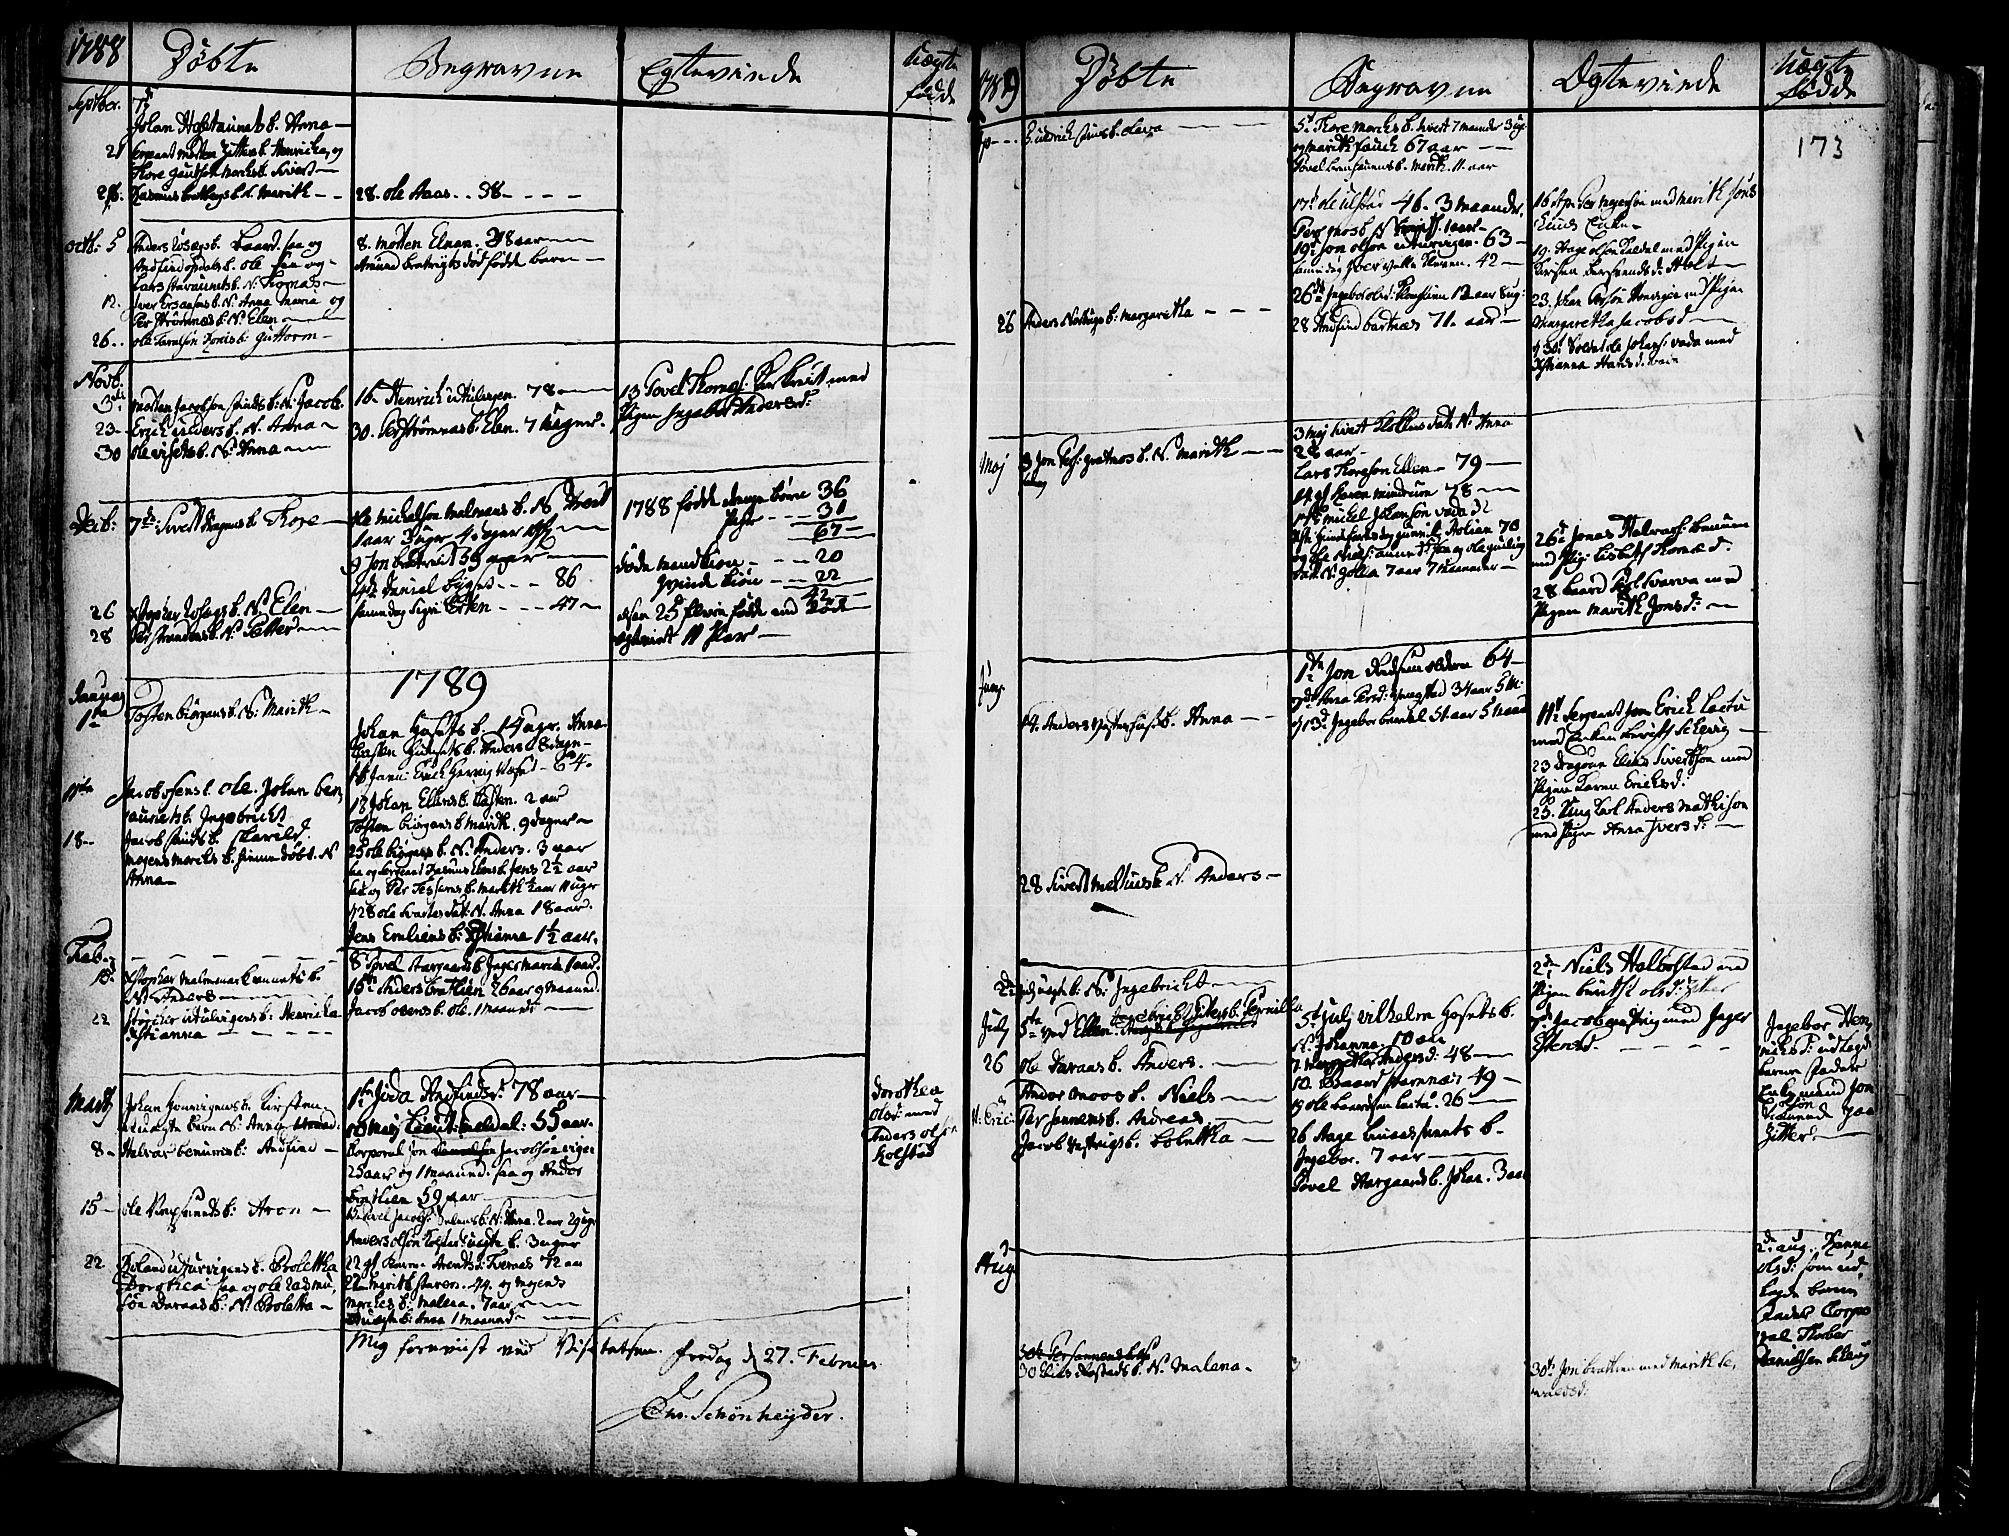 SAT, Ministerialprotokoller, klokkerbøker og fødselsregistre - Nord-Trøndelag, 741/L0385: Ministerialbok nr. 741A01, 1722-1815, s. 173